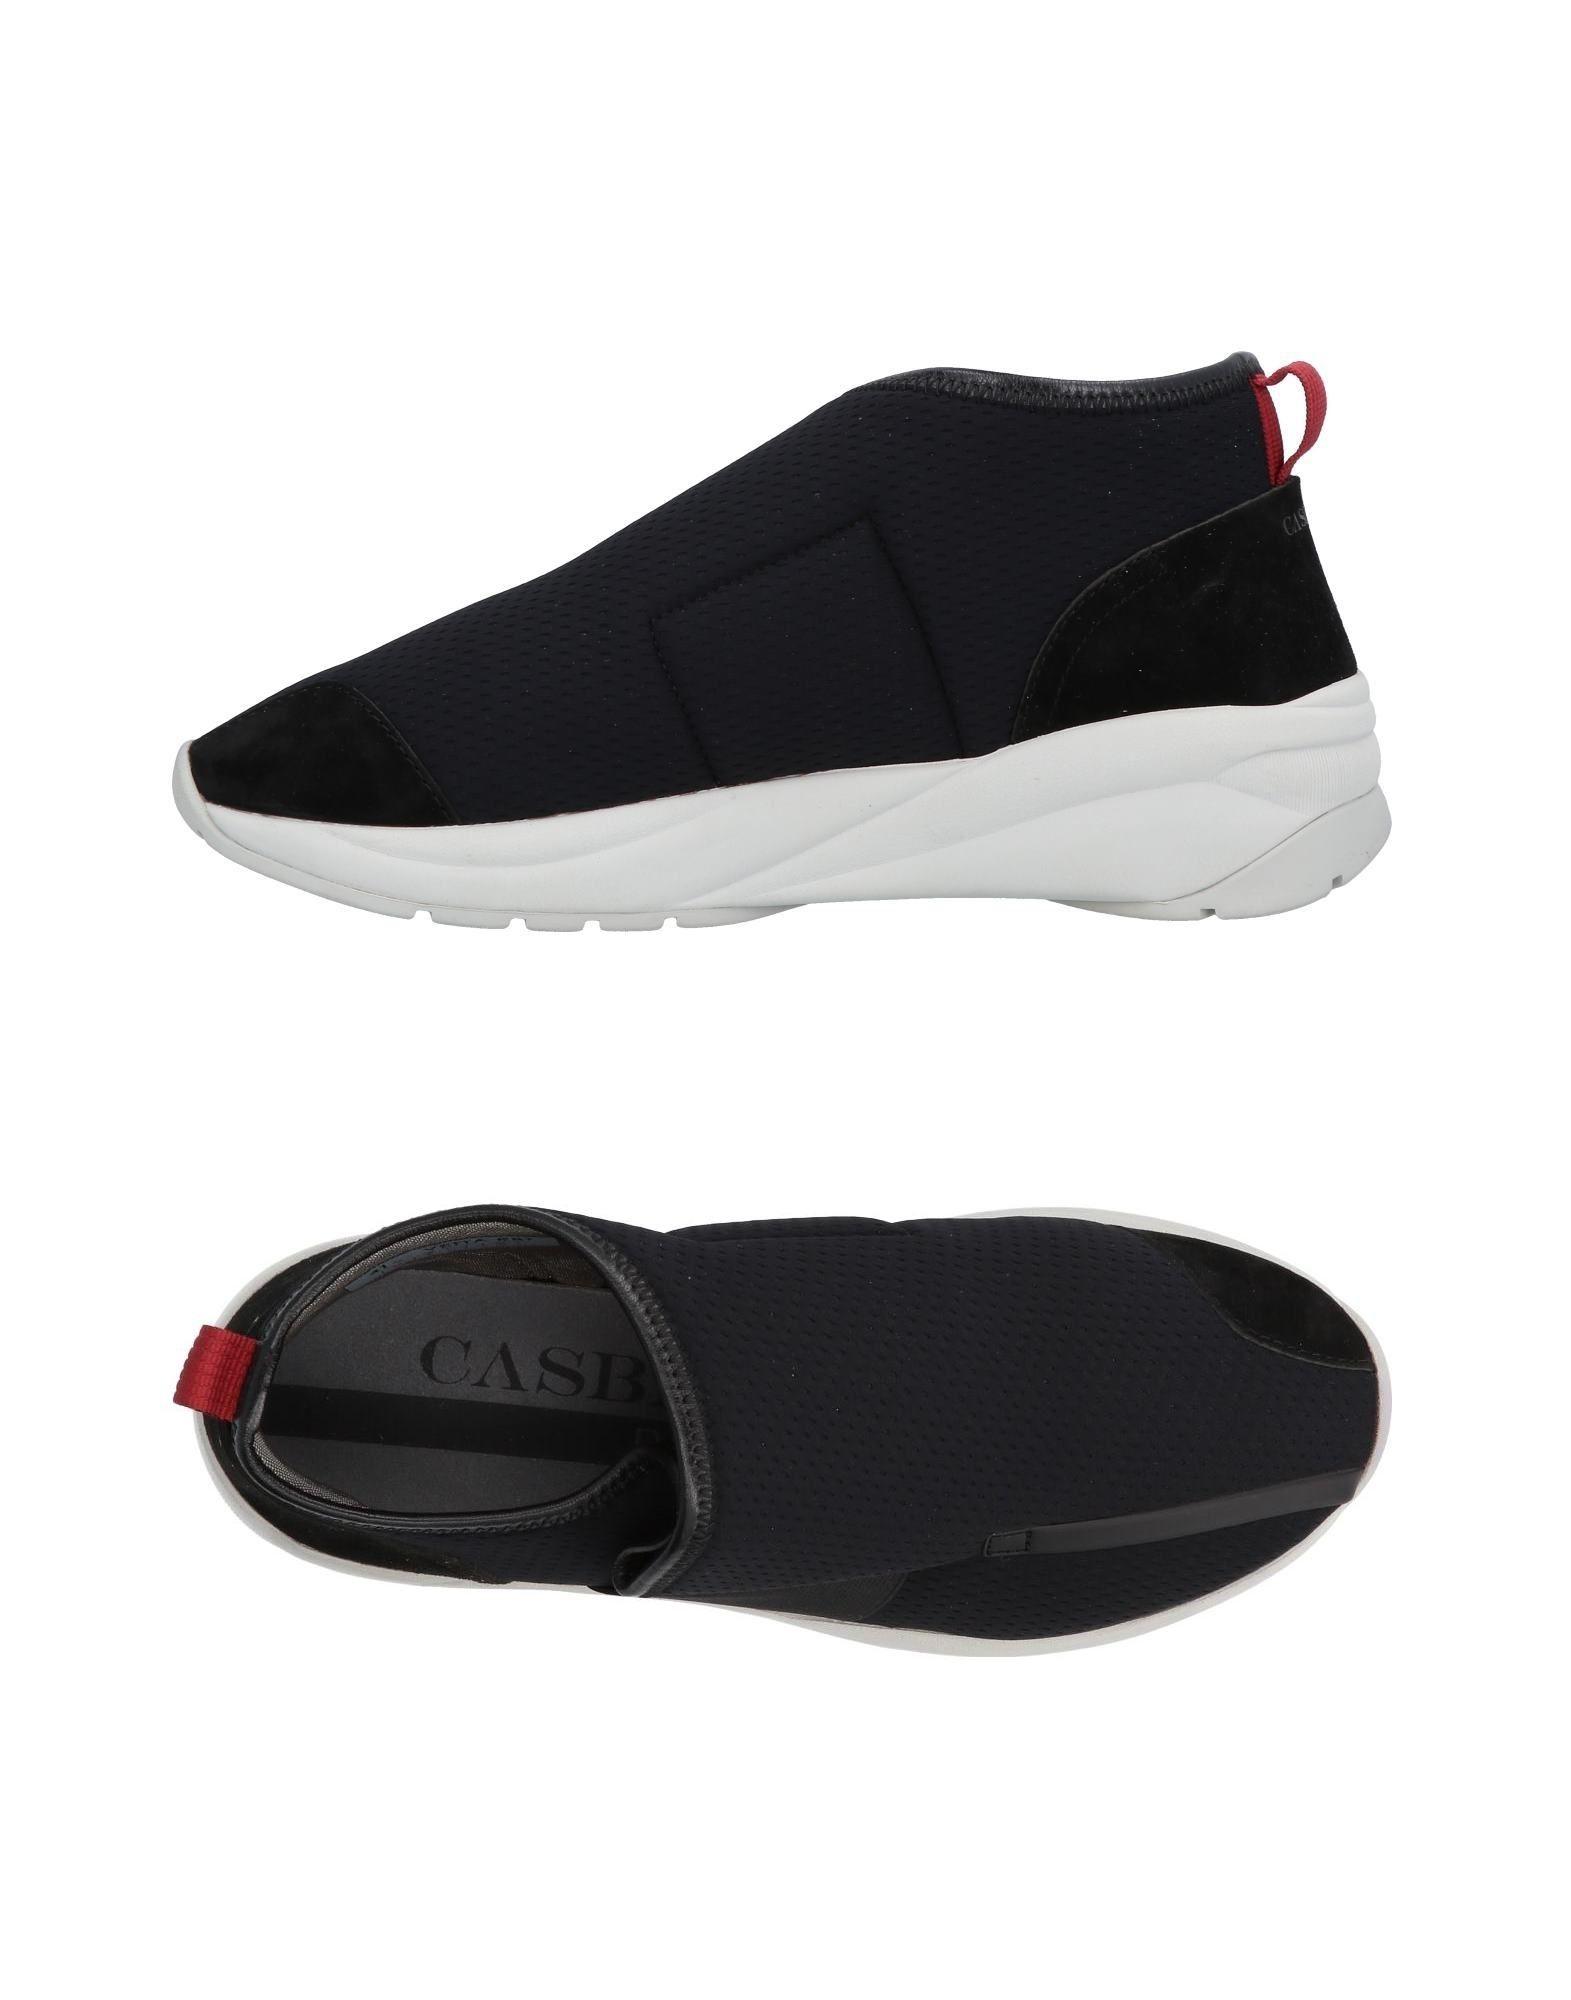 《送料無料》CASBIA メンズ スニーカー&テニスシューズ(ローカット) ブラック 43 革 / 紡績繊維